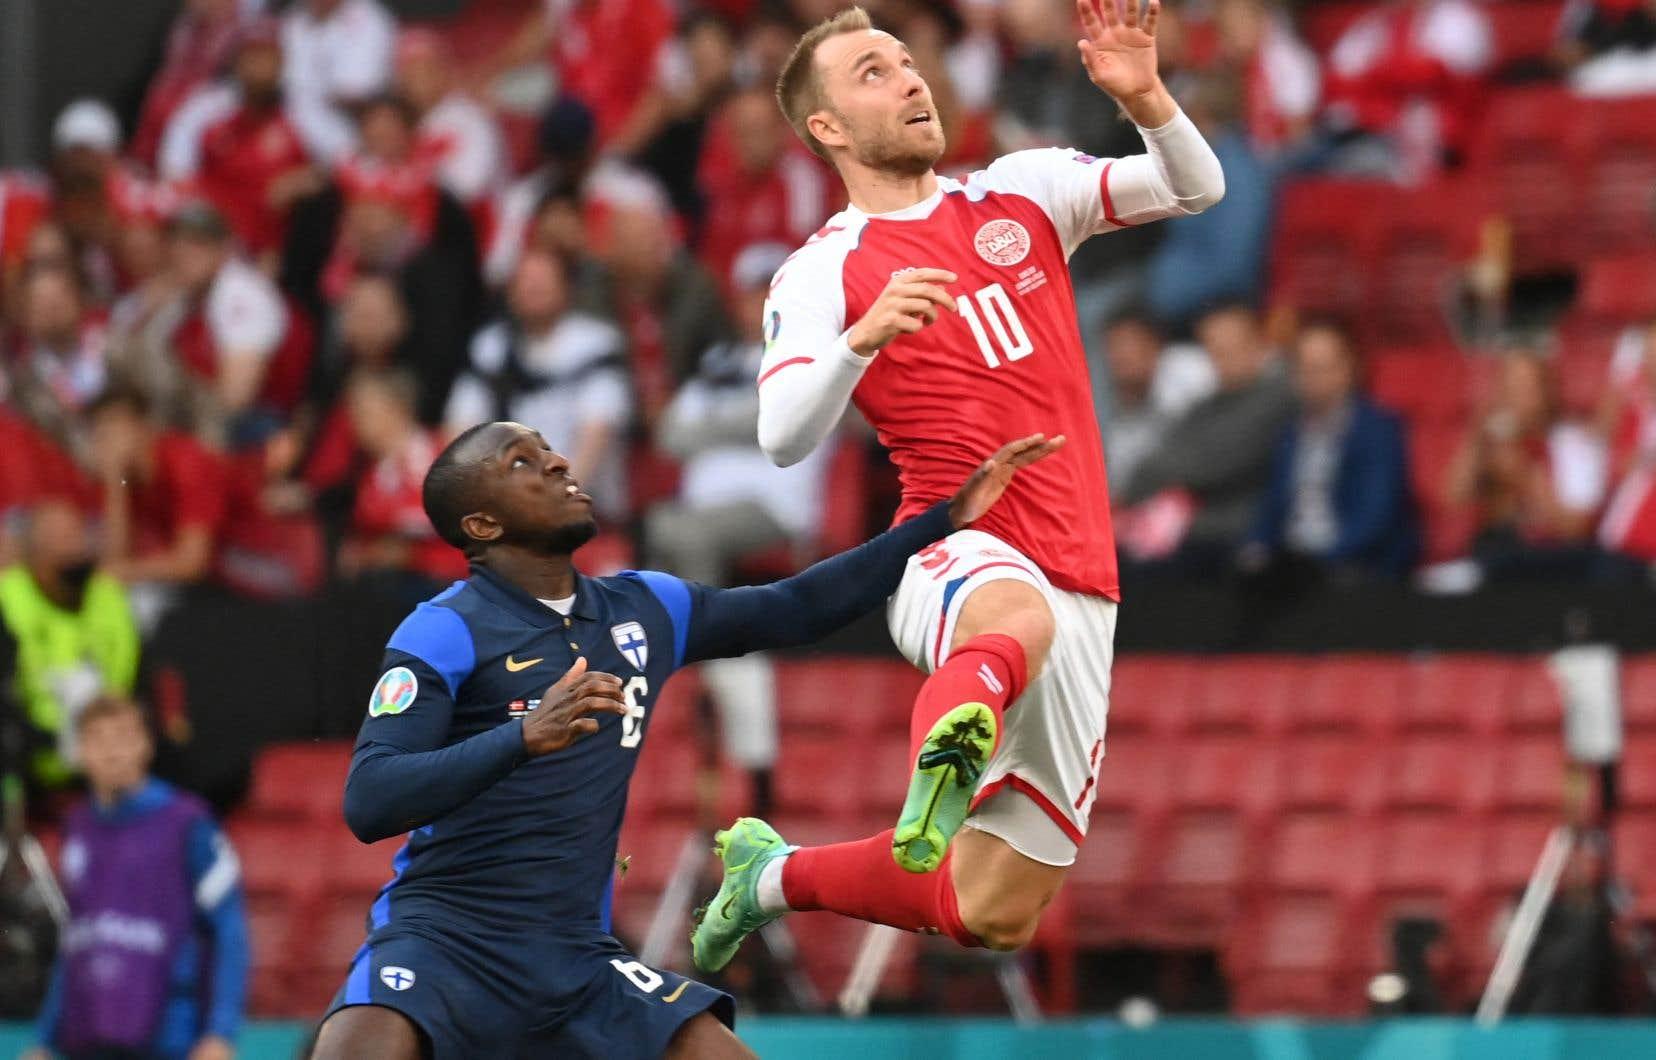 Le joueur de 29ans se remet à Copenhague après avoir subi un arrêt cardiaque dans le match de la sélection danoise contre la Finlande à l'euro 2020.